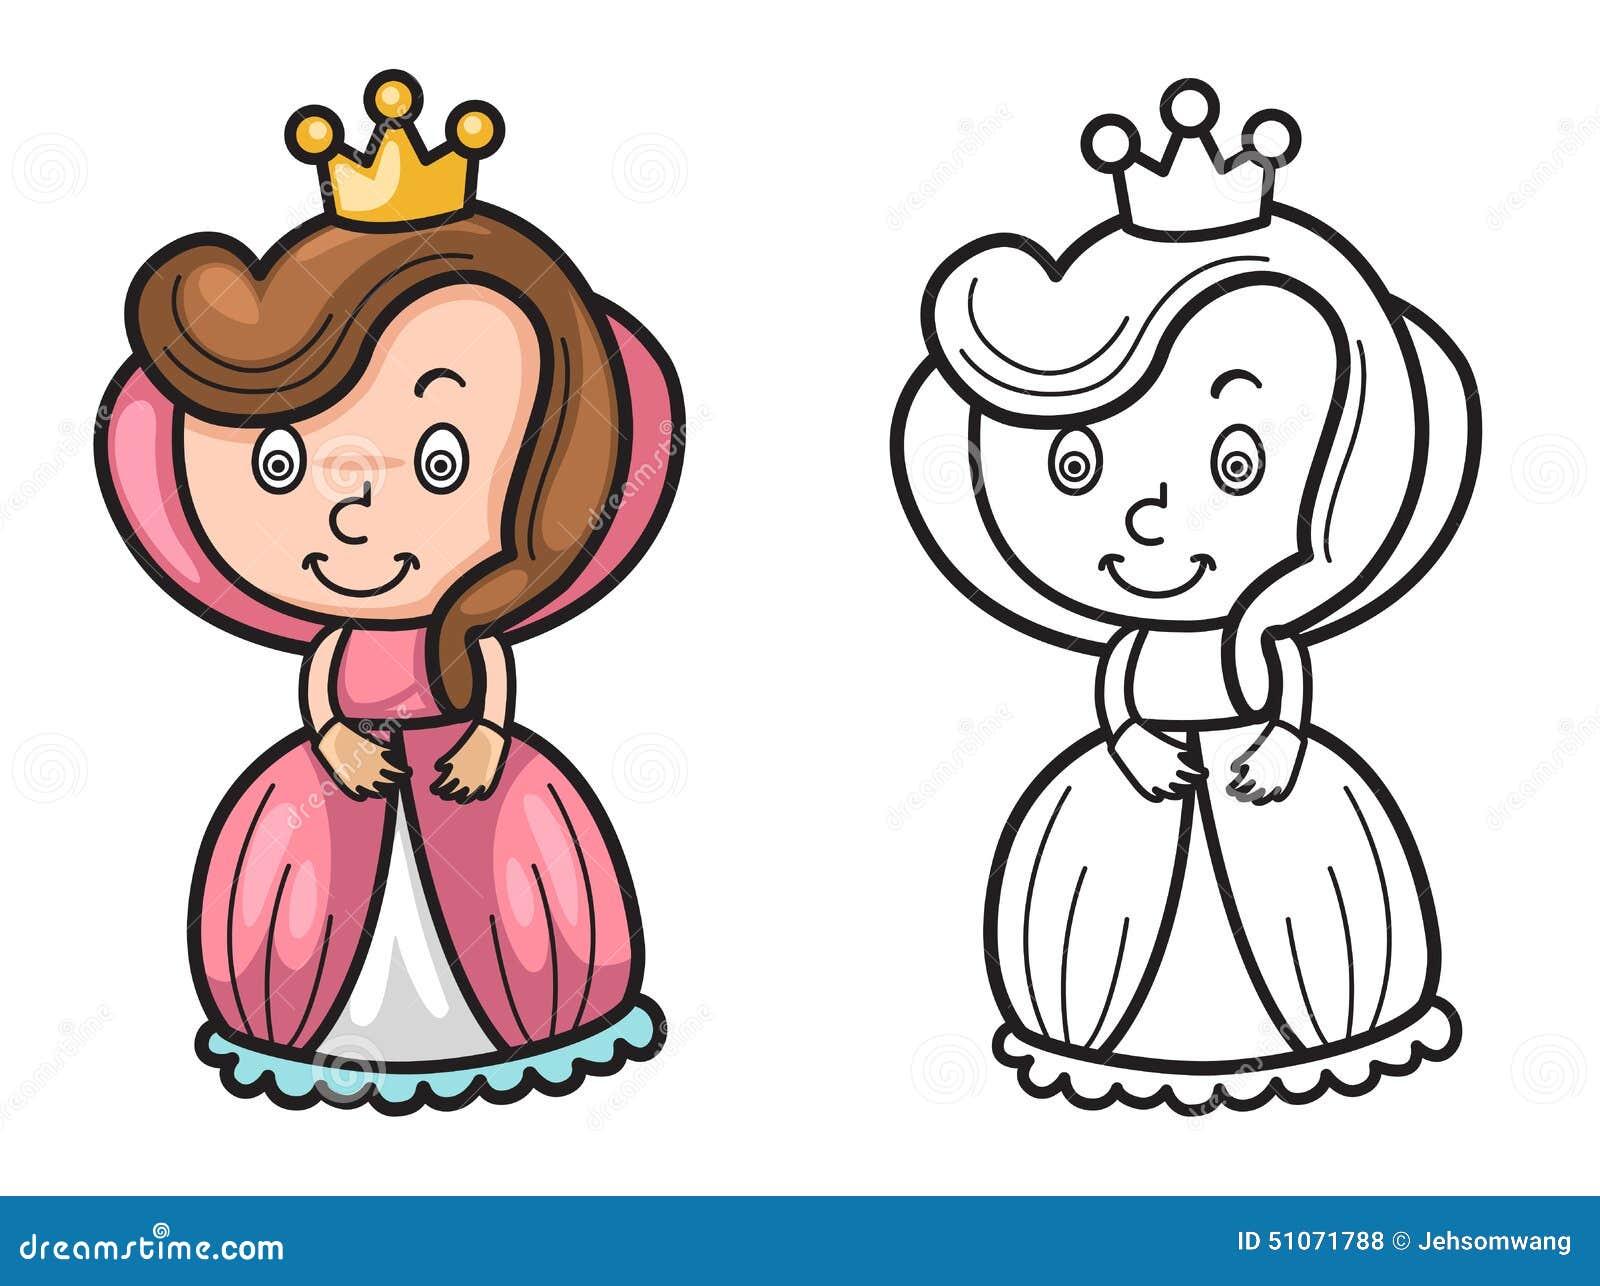 Rainha Colorida E Preto E Branco Para O Livro Para Colorir